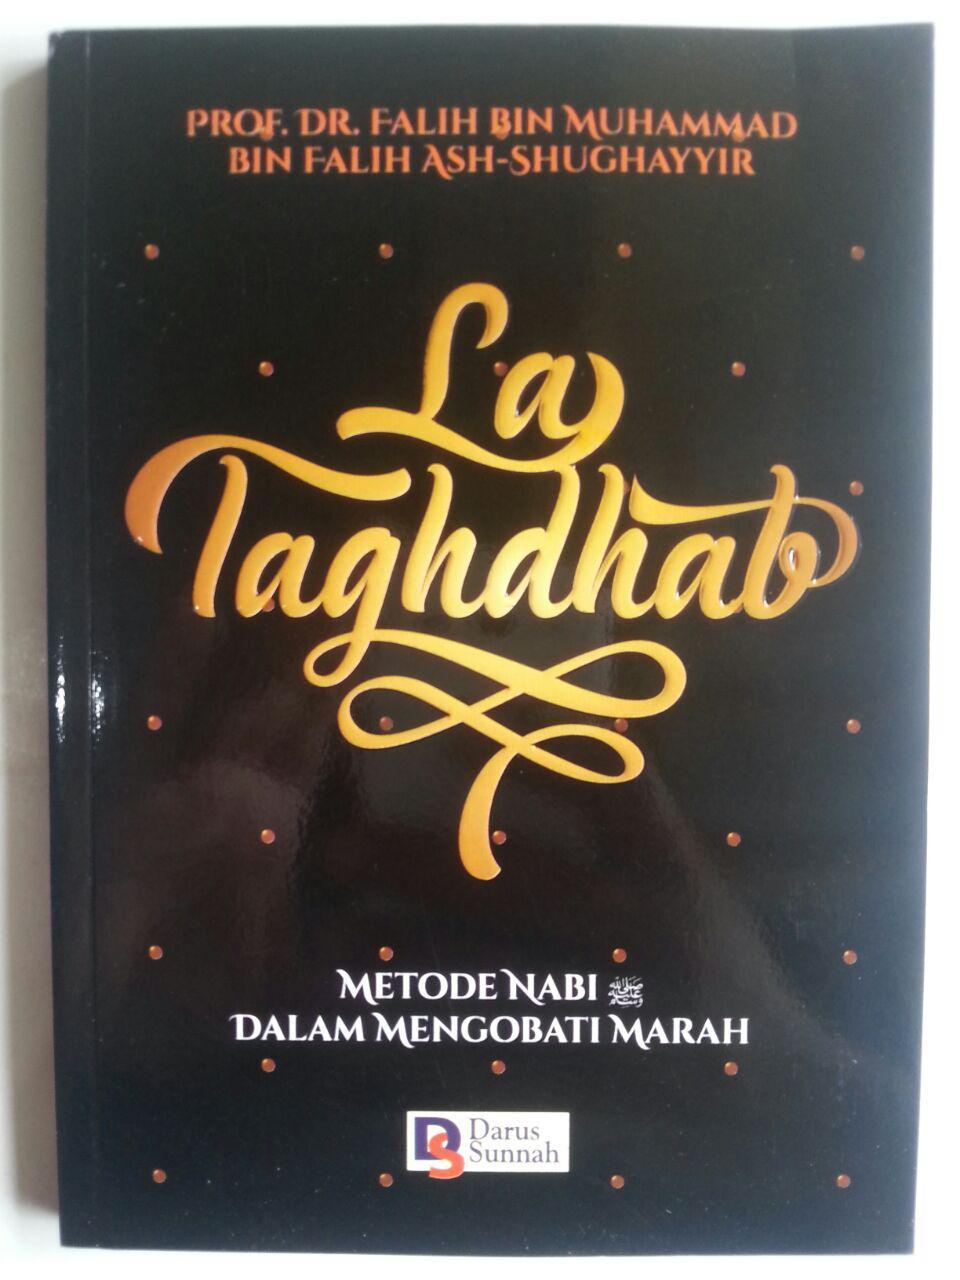 Buku La Taghdhab Metode Nabi Dalam Mengobati Marah cover 2